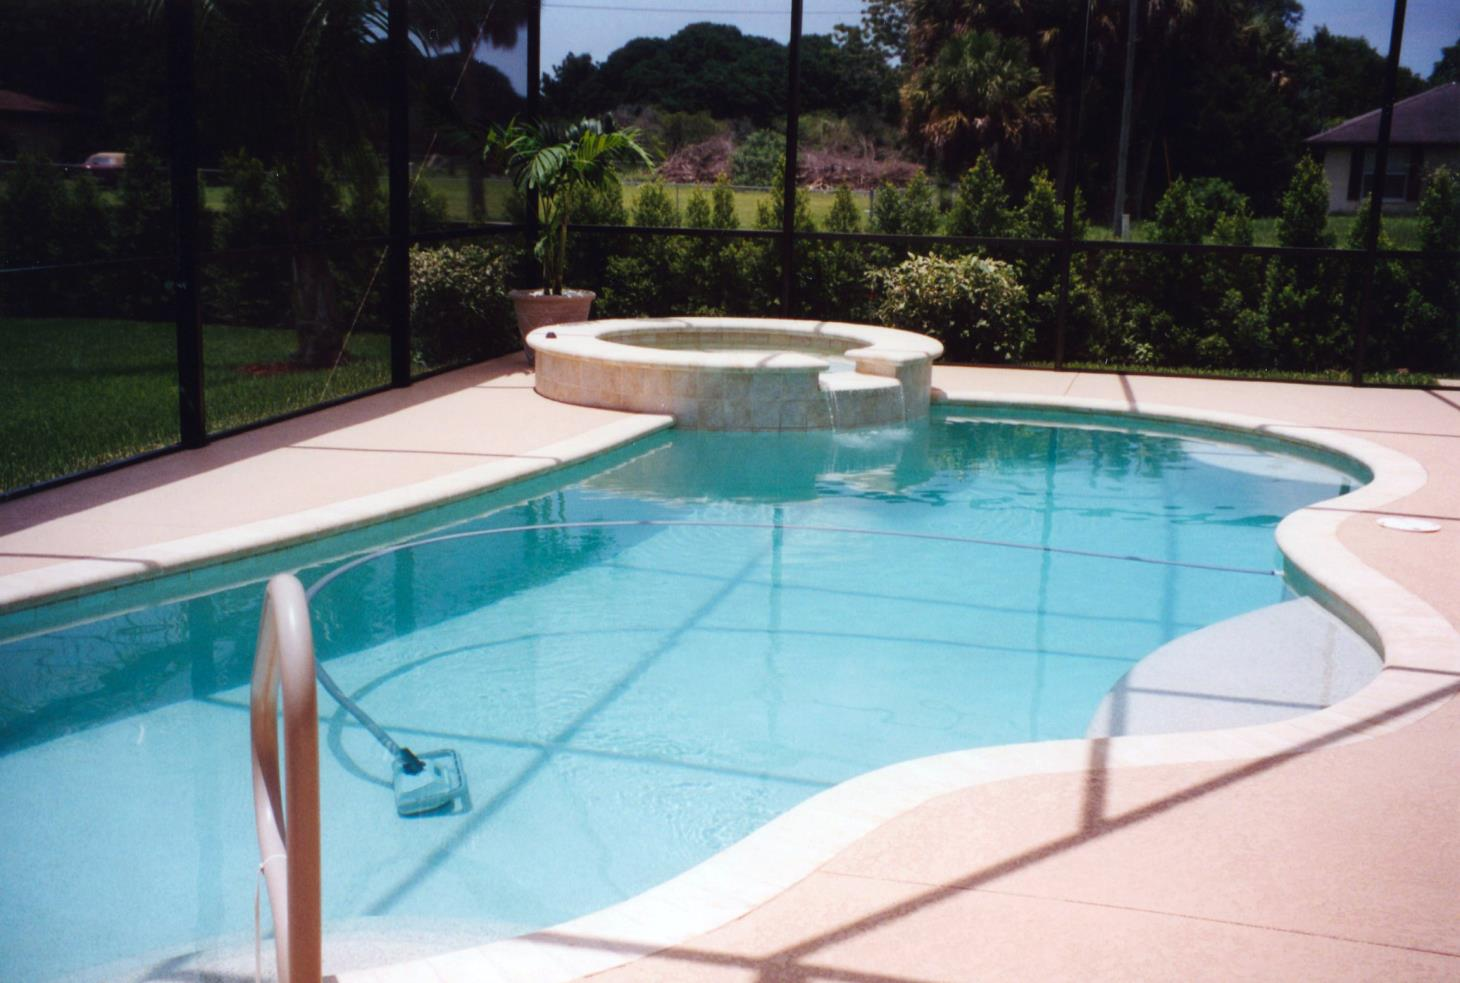 7 Star Professional Pool Renovations, L.L.C.